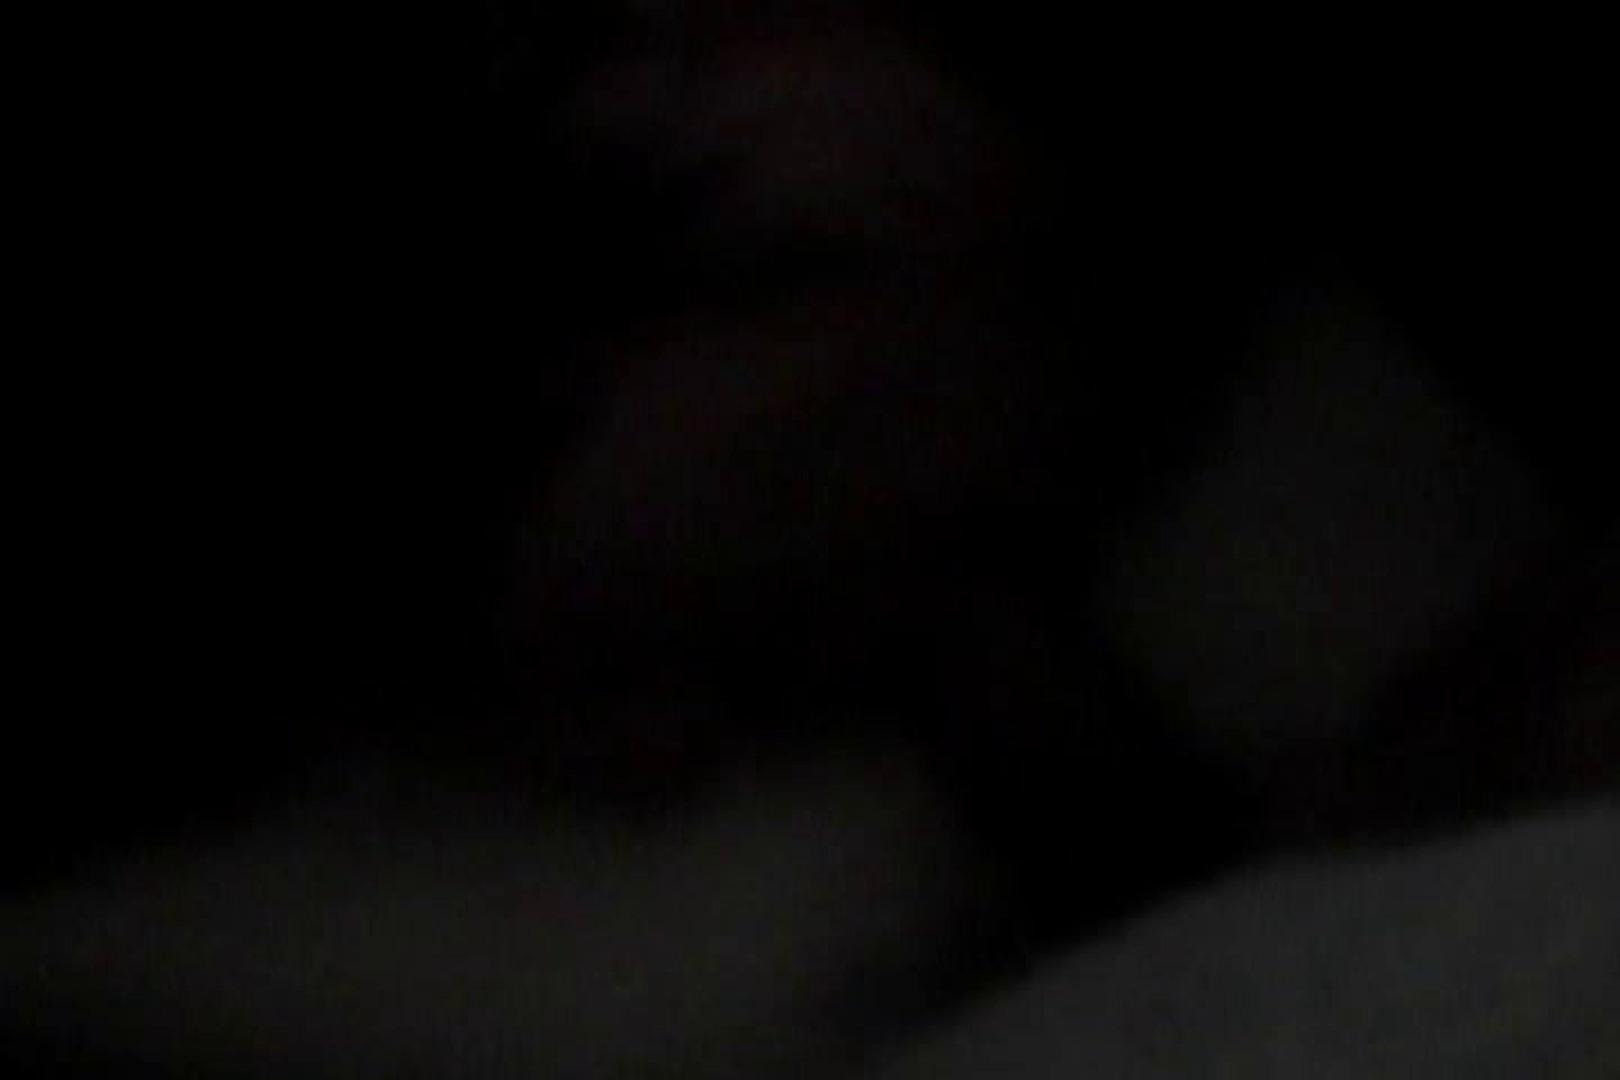 三ツ星シリーズ 魅惑のMemorial Night!! vol.03 投稿作品 | ちんこ  79画像 41